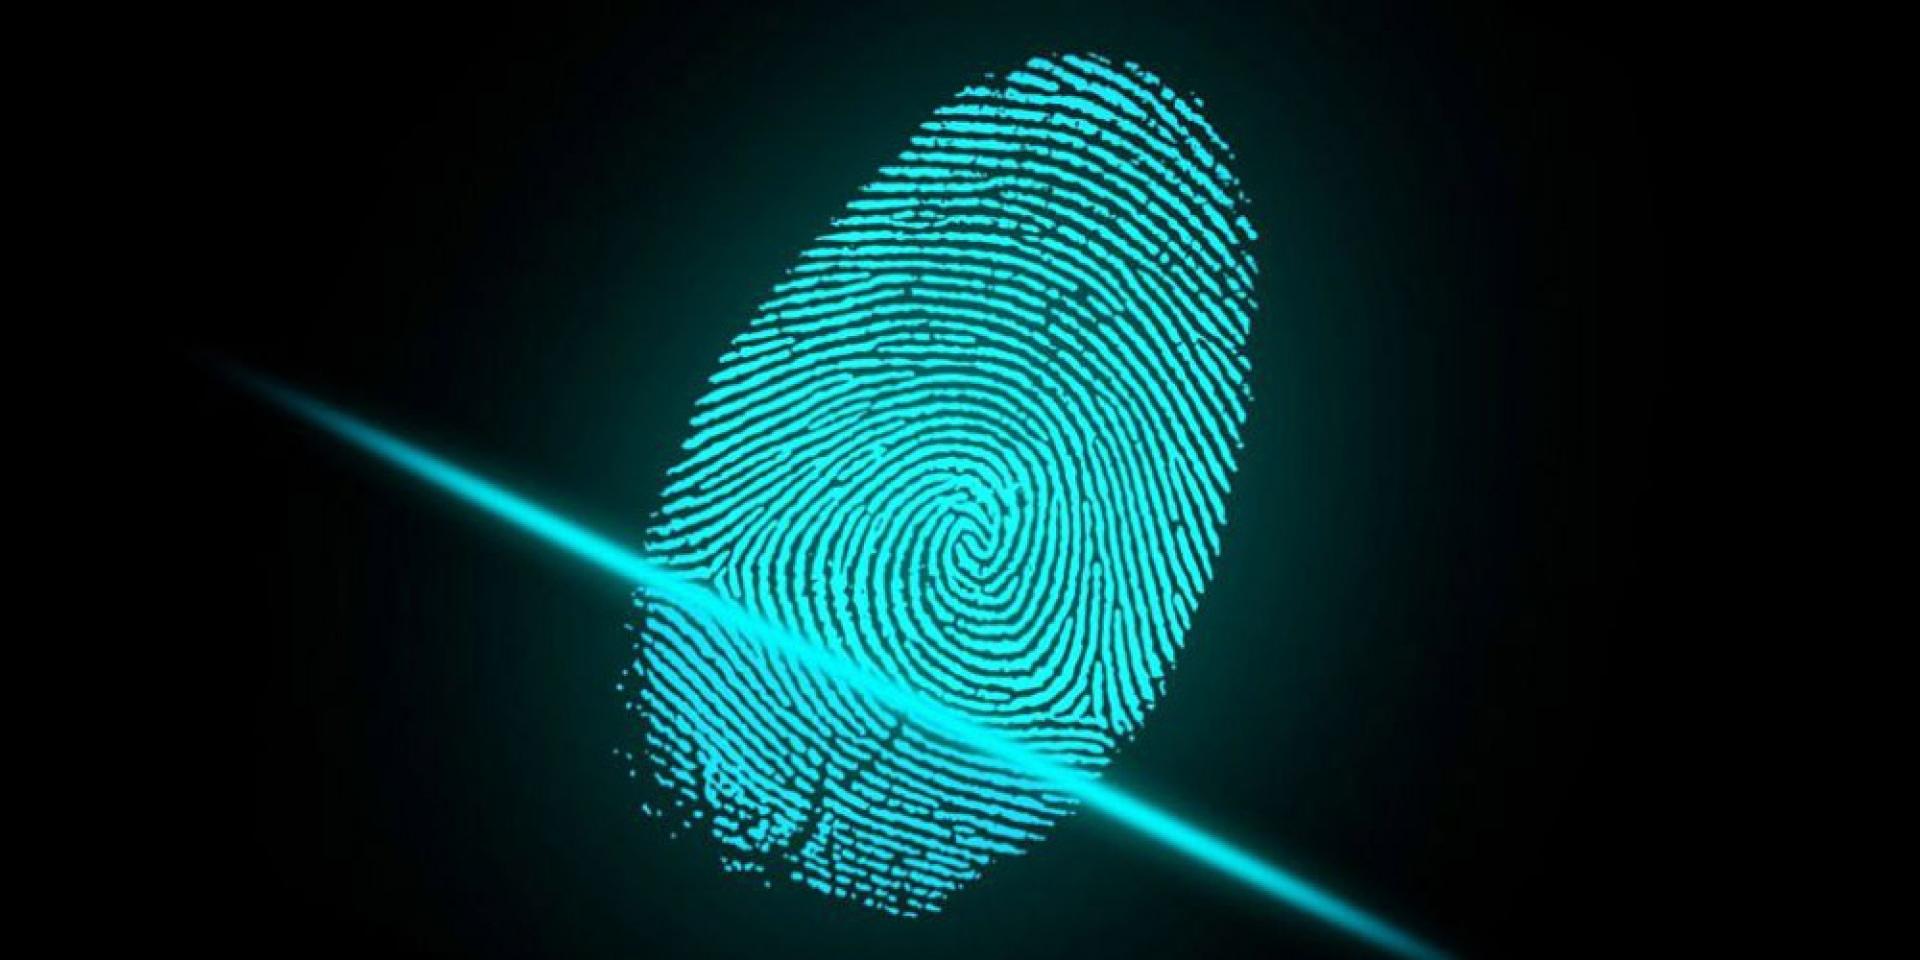 全屏螢幕也能指紋解鎖!新一代iPhone有望搭載Clear ID